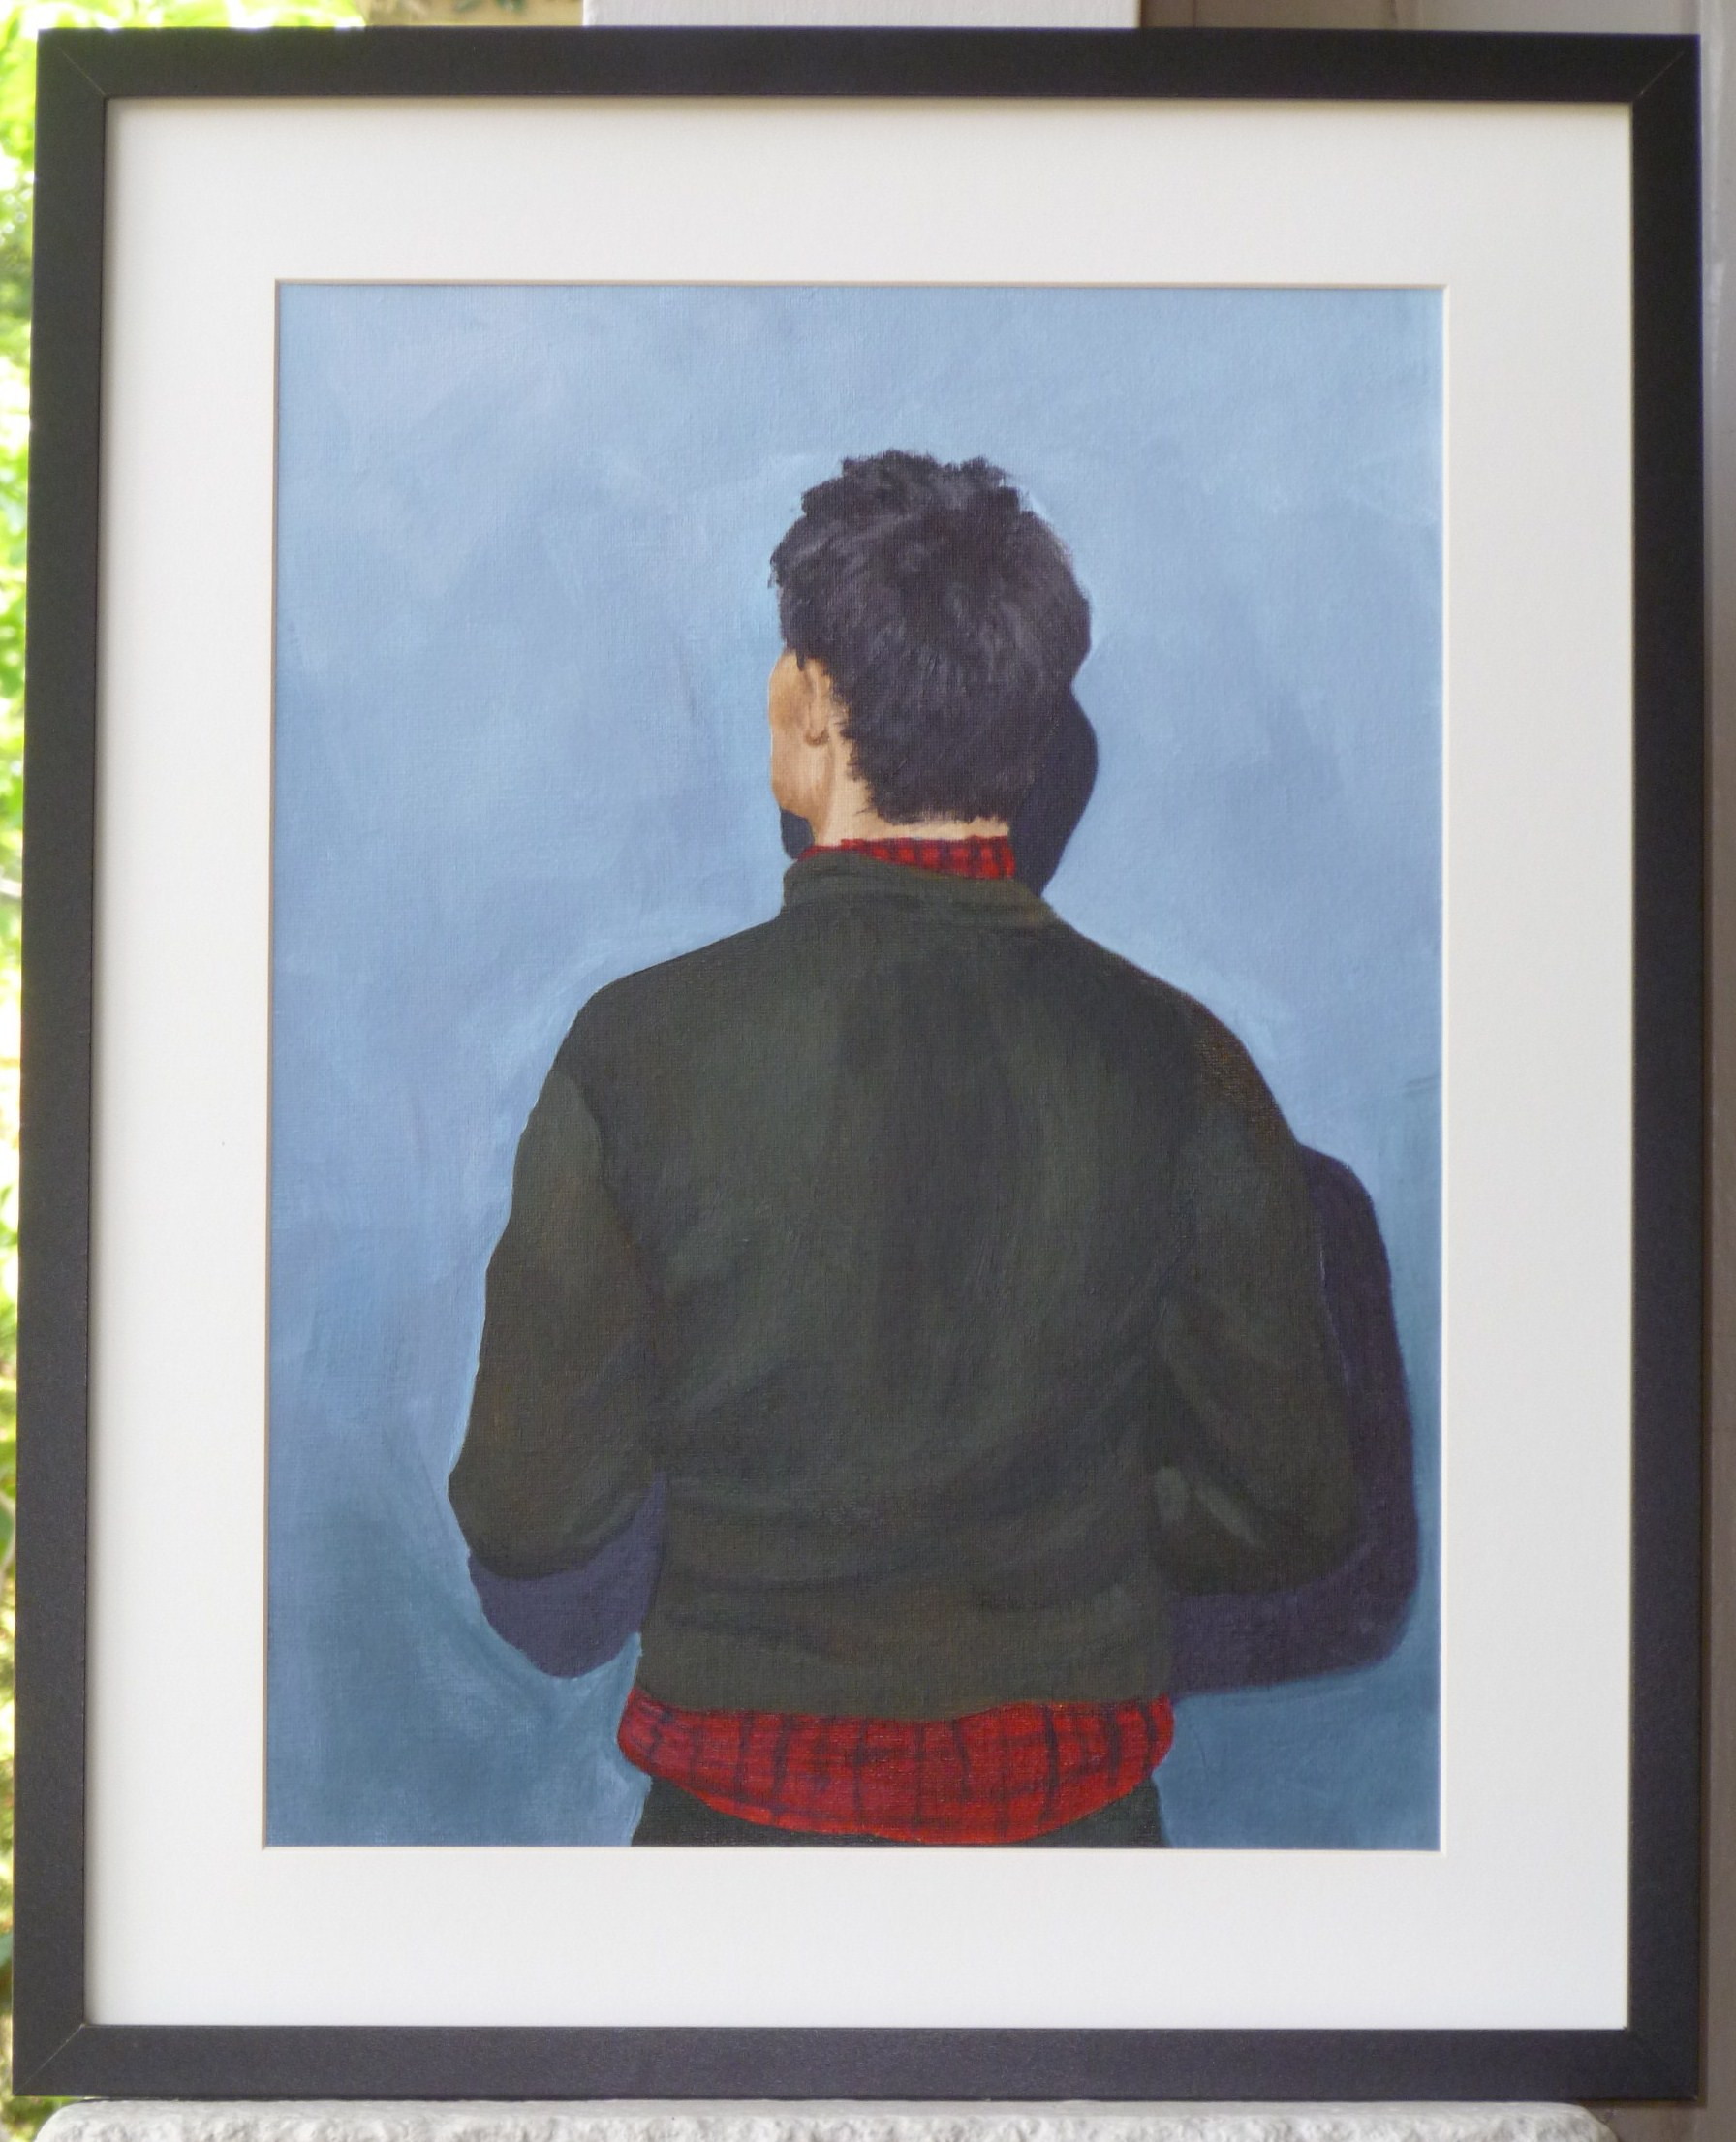 back - framed.JPG